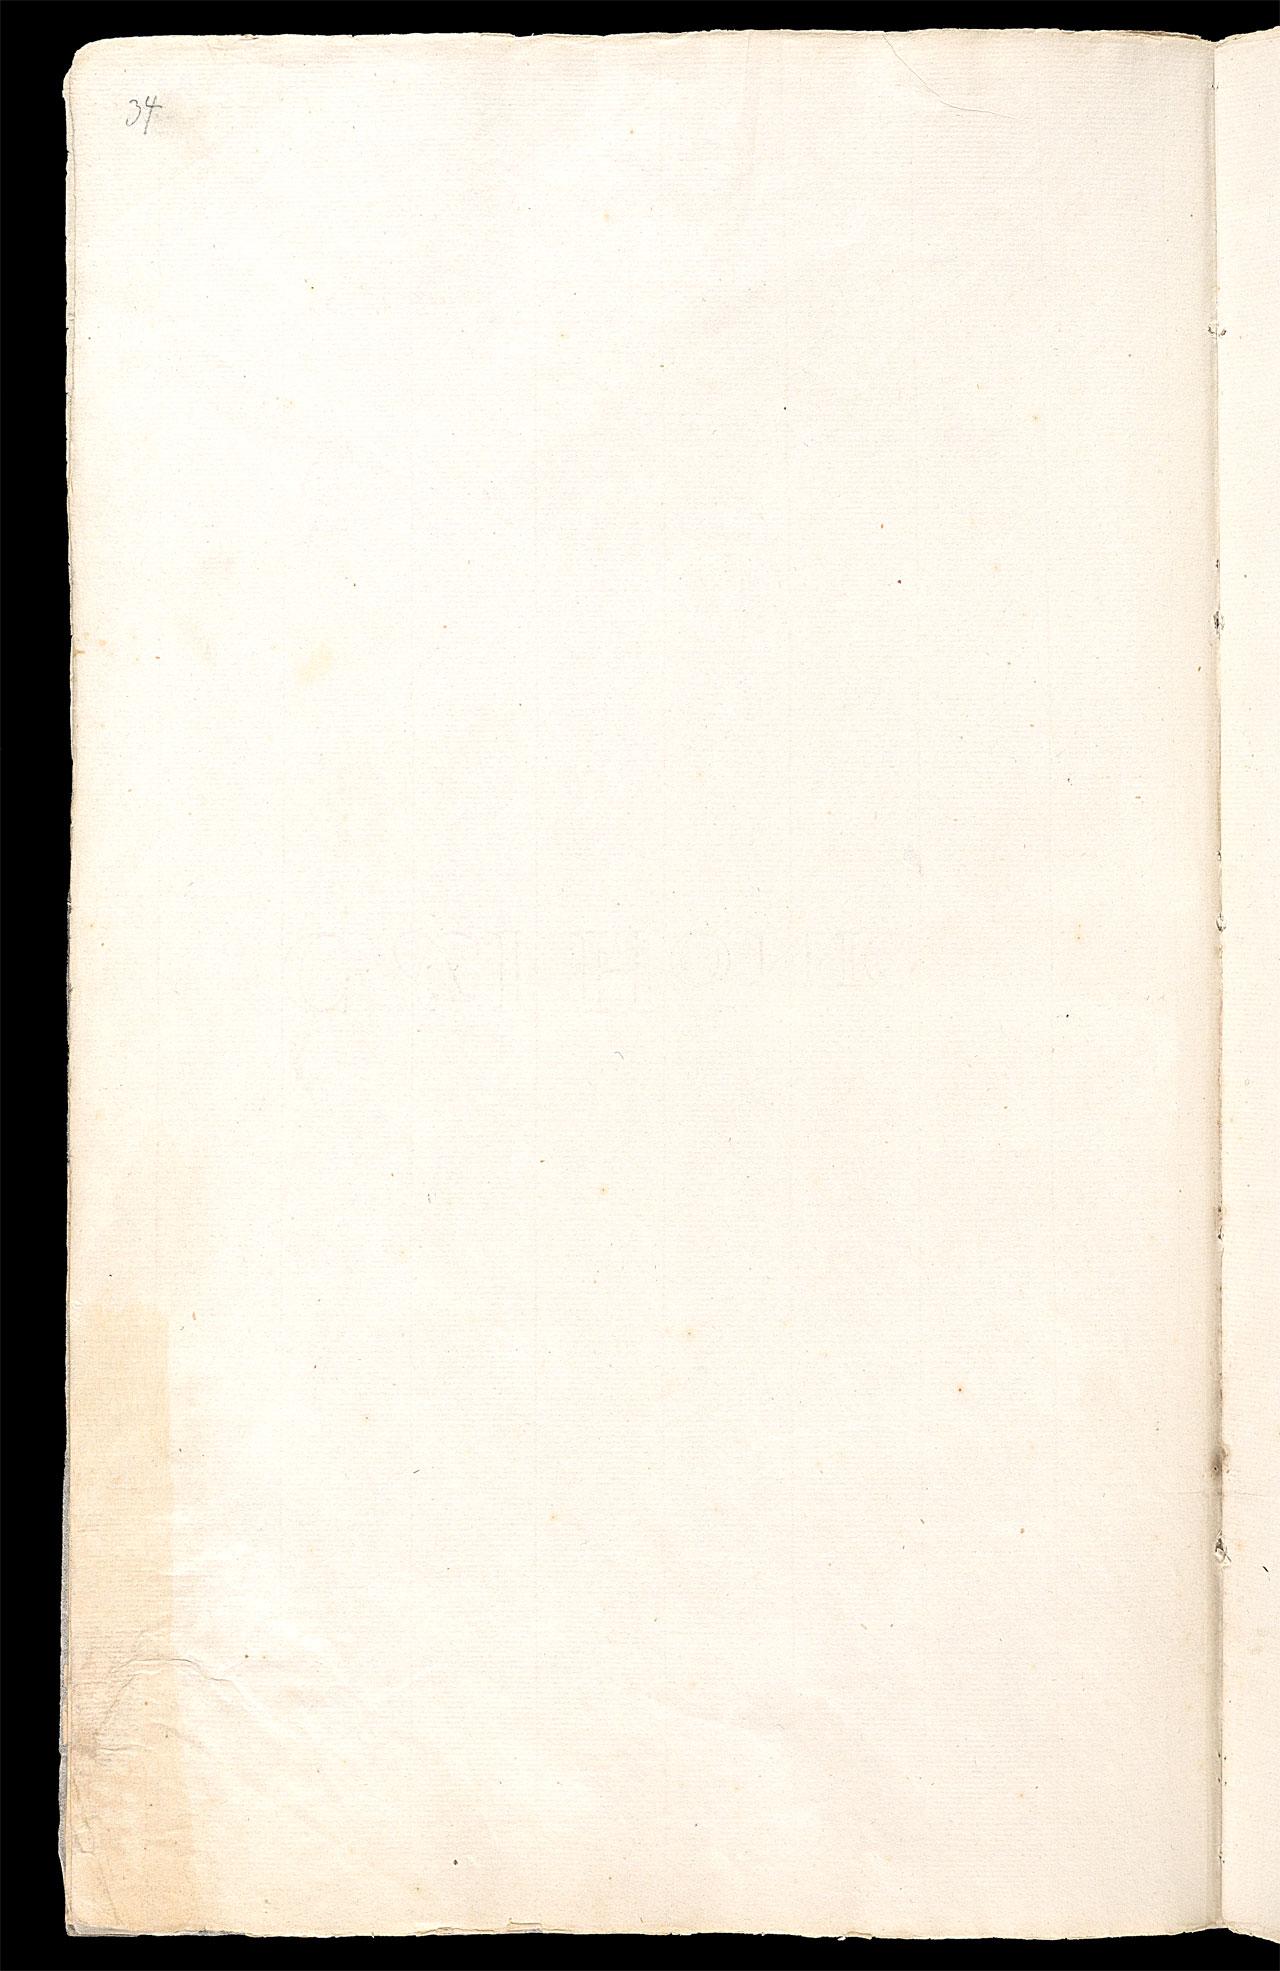 Friedrich Hölderlin, Homburger Folioheft, Seite 34, Handschrift